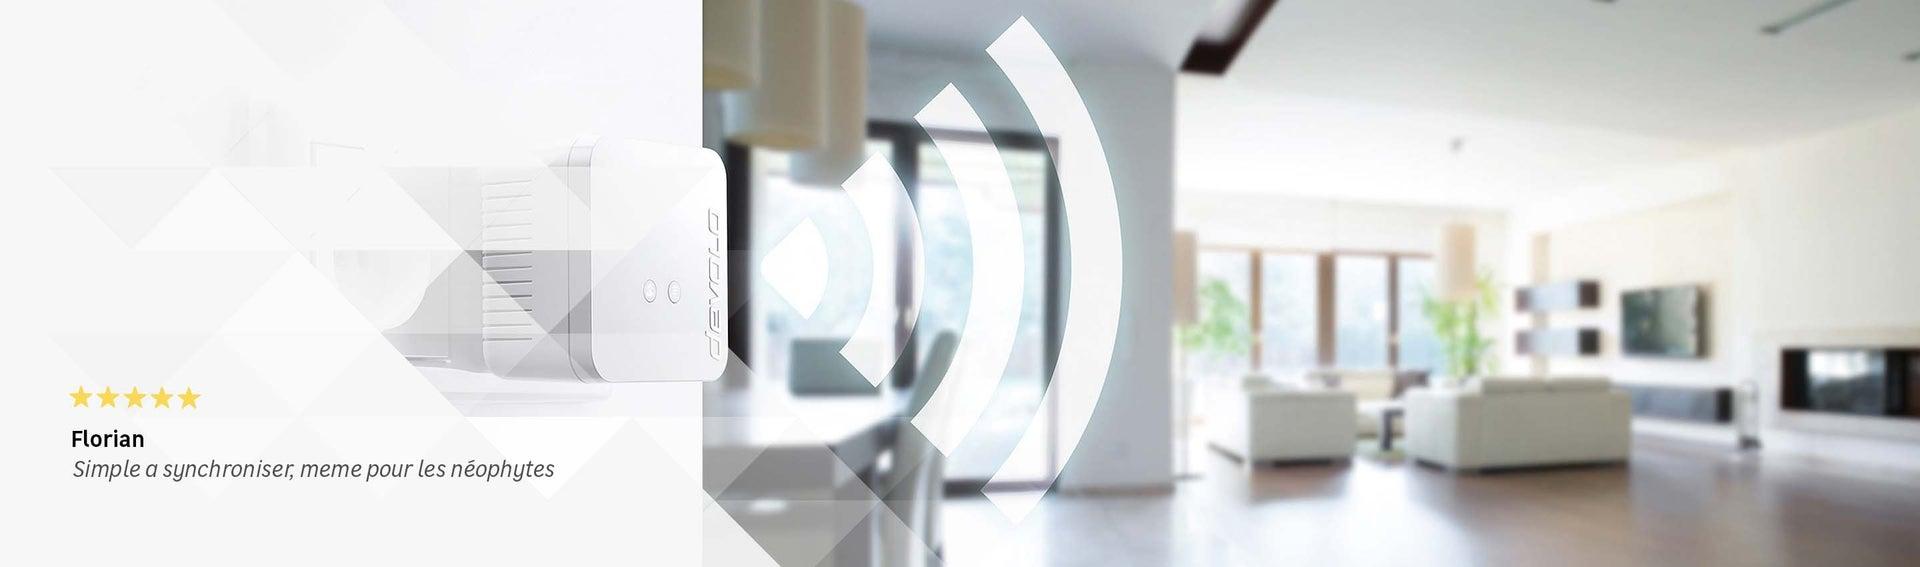 Décodeur Antenne Tv Parabole Et Connectique Electricité